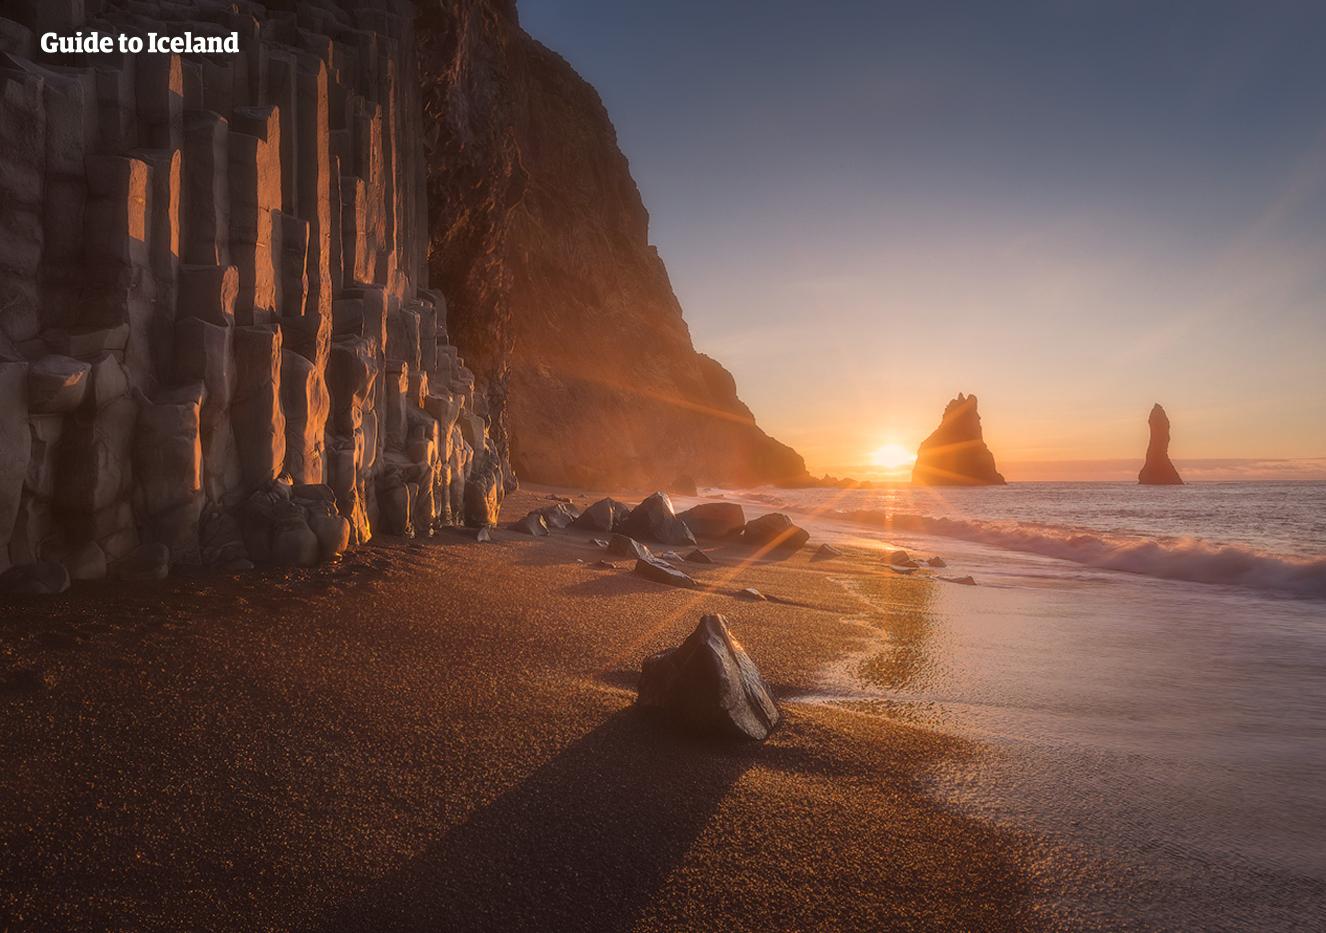 Летние каникулы в Исландии | 4 дня, 3 ночи - day 3